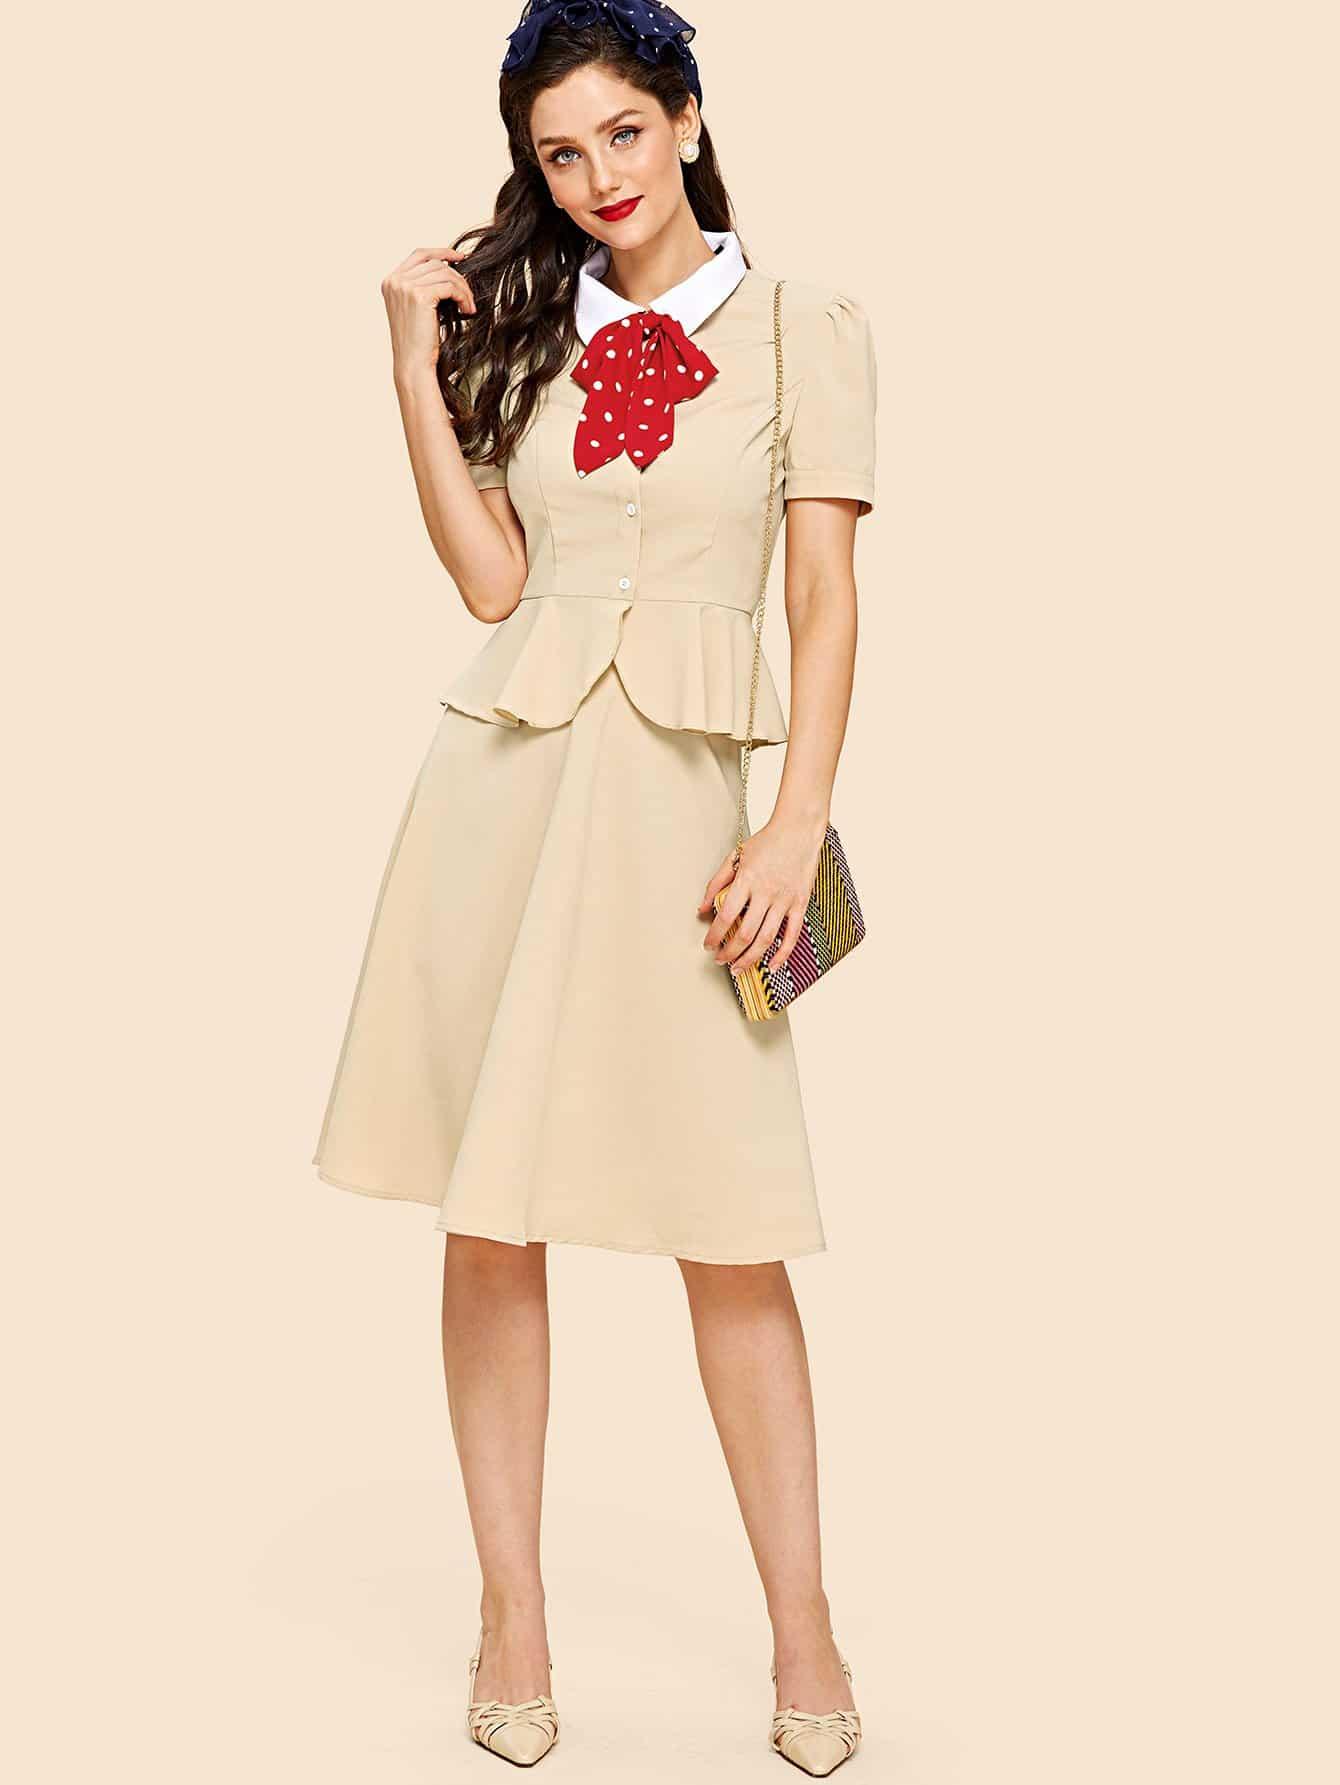 Купить Комплект контрастная рубашка и юбка, Julie H., SheIn